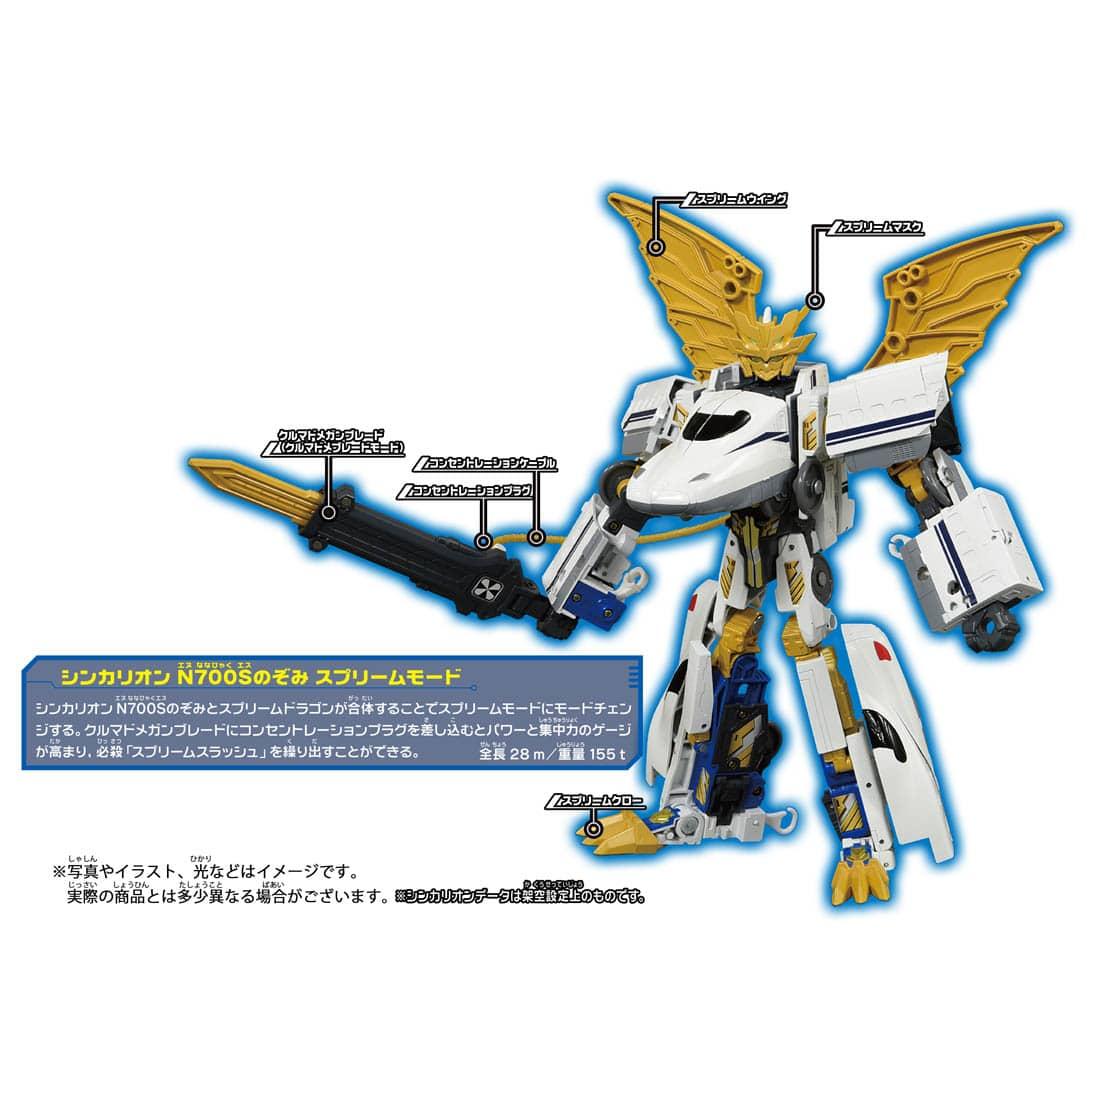 新幹線変形ロボ シンカリオン『DXS シンカリオン N700Sのぞみ』可変プラレール-004